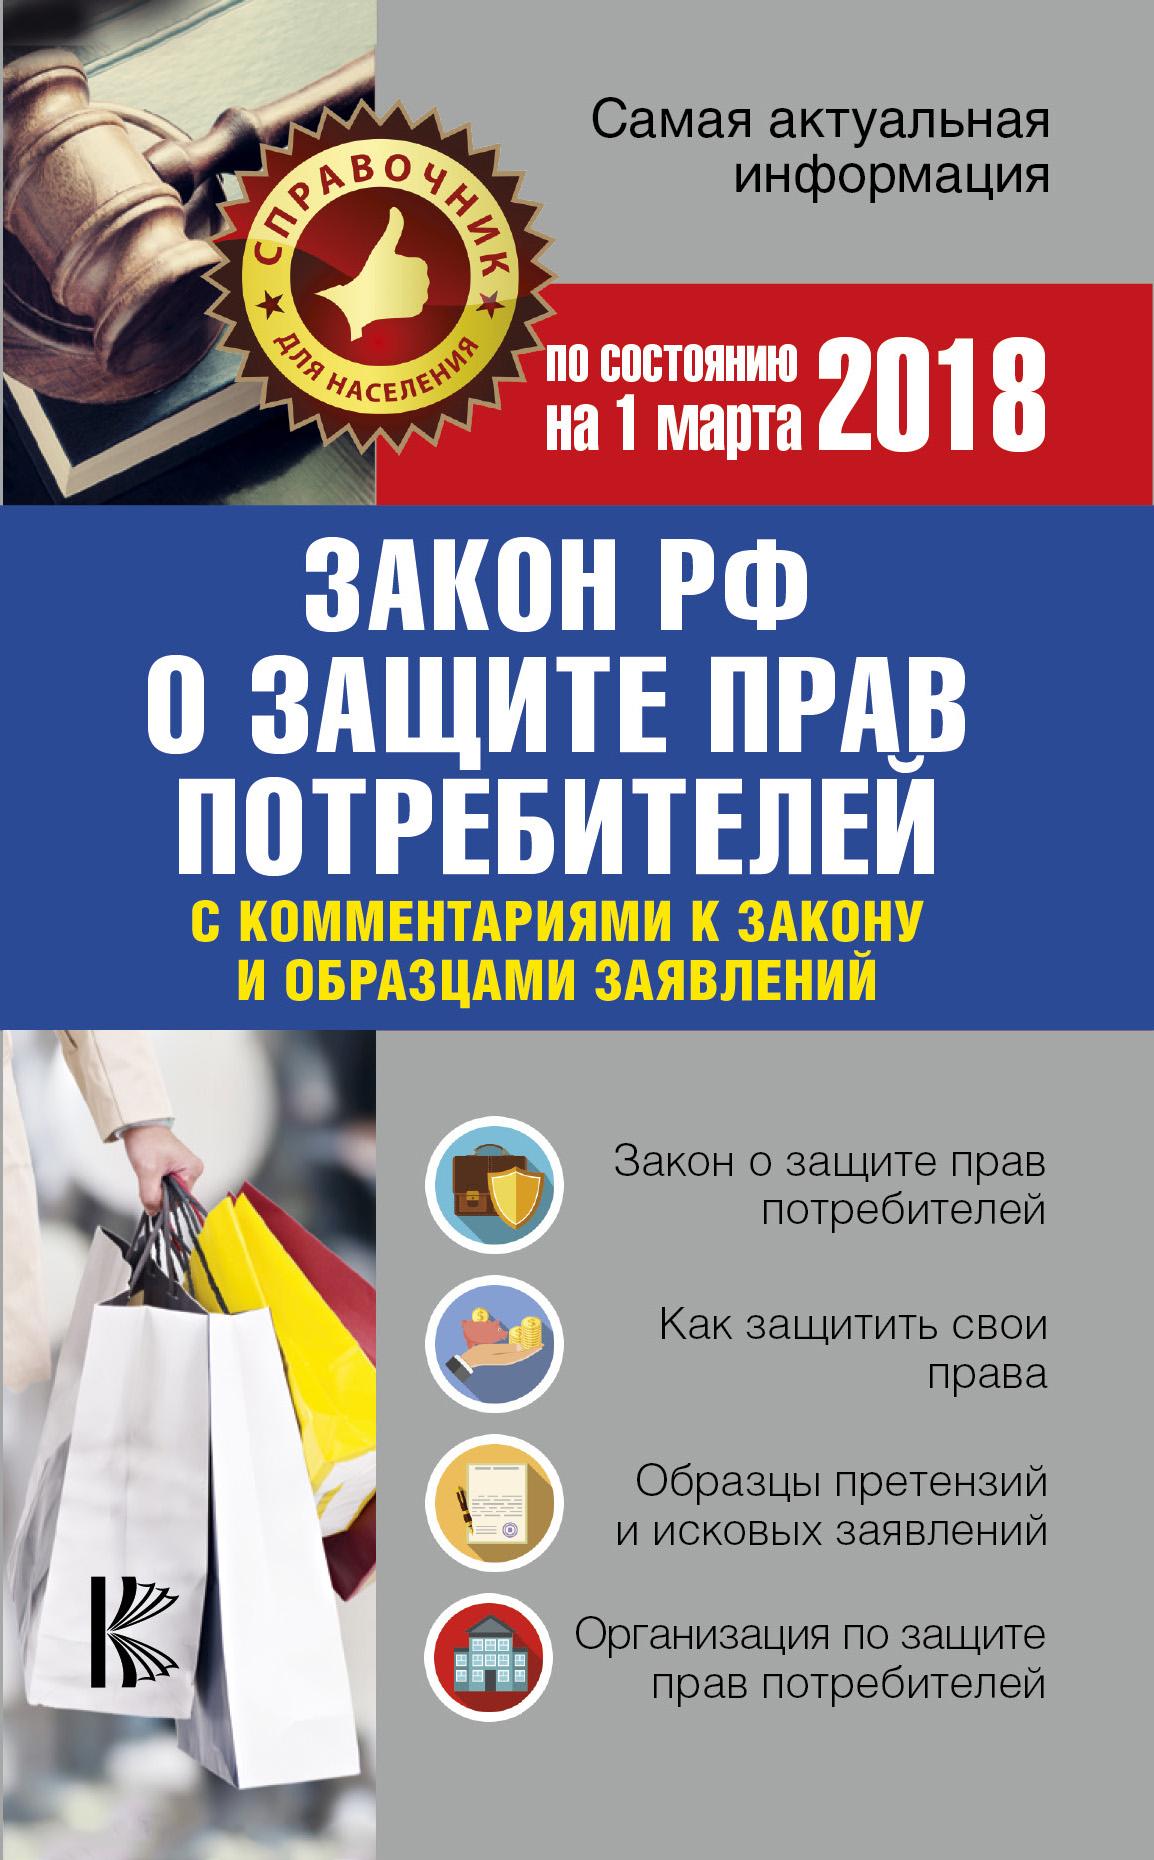 Закон РФ О защите прав потребителей с комментариями к закону и образцами заявлений на 01. 03. 2018 год